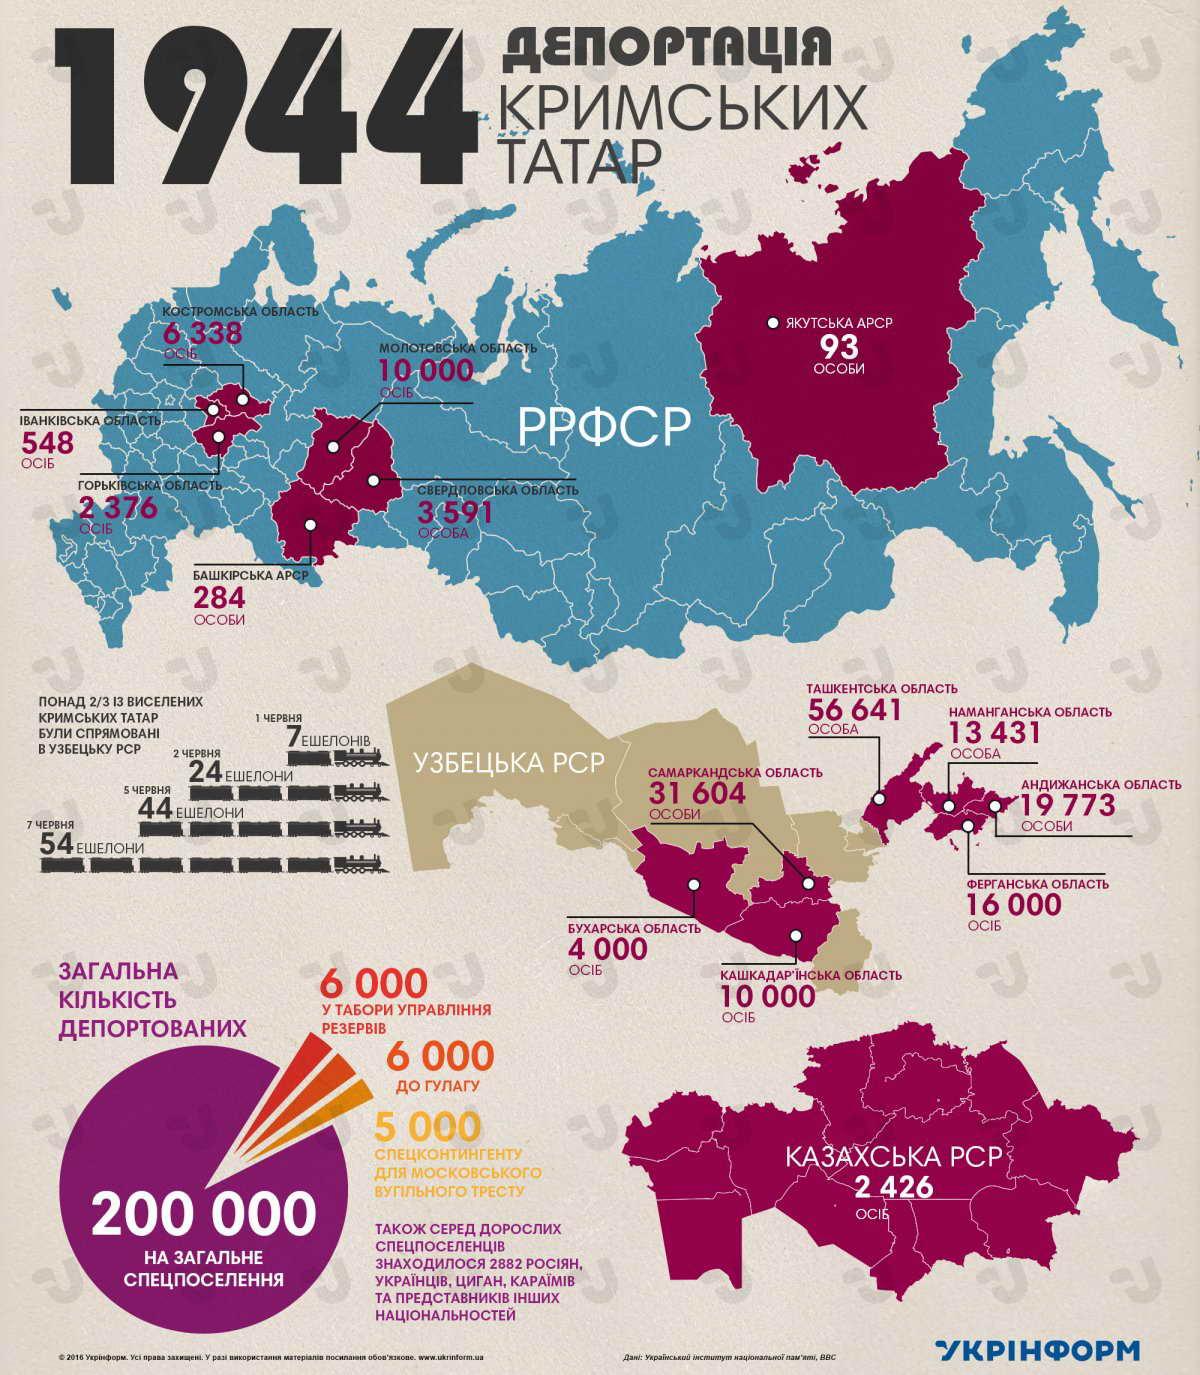 75-та річниця насильницького виселення кримськотатарського народу з Криму